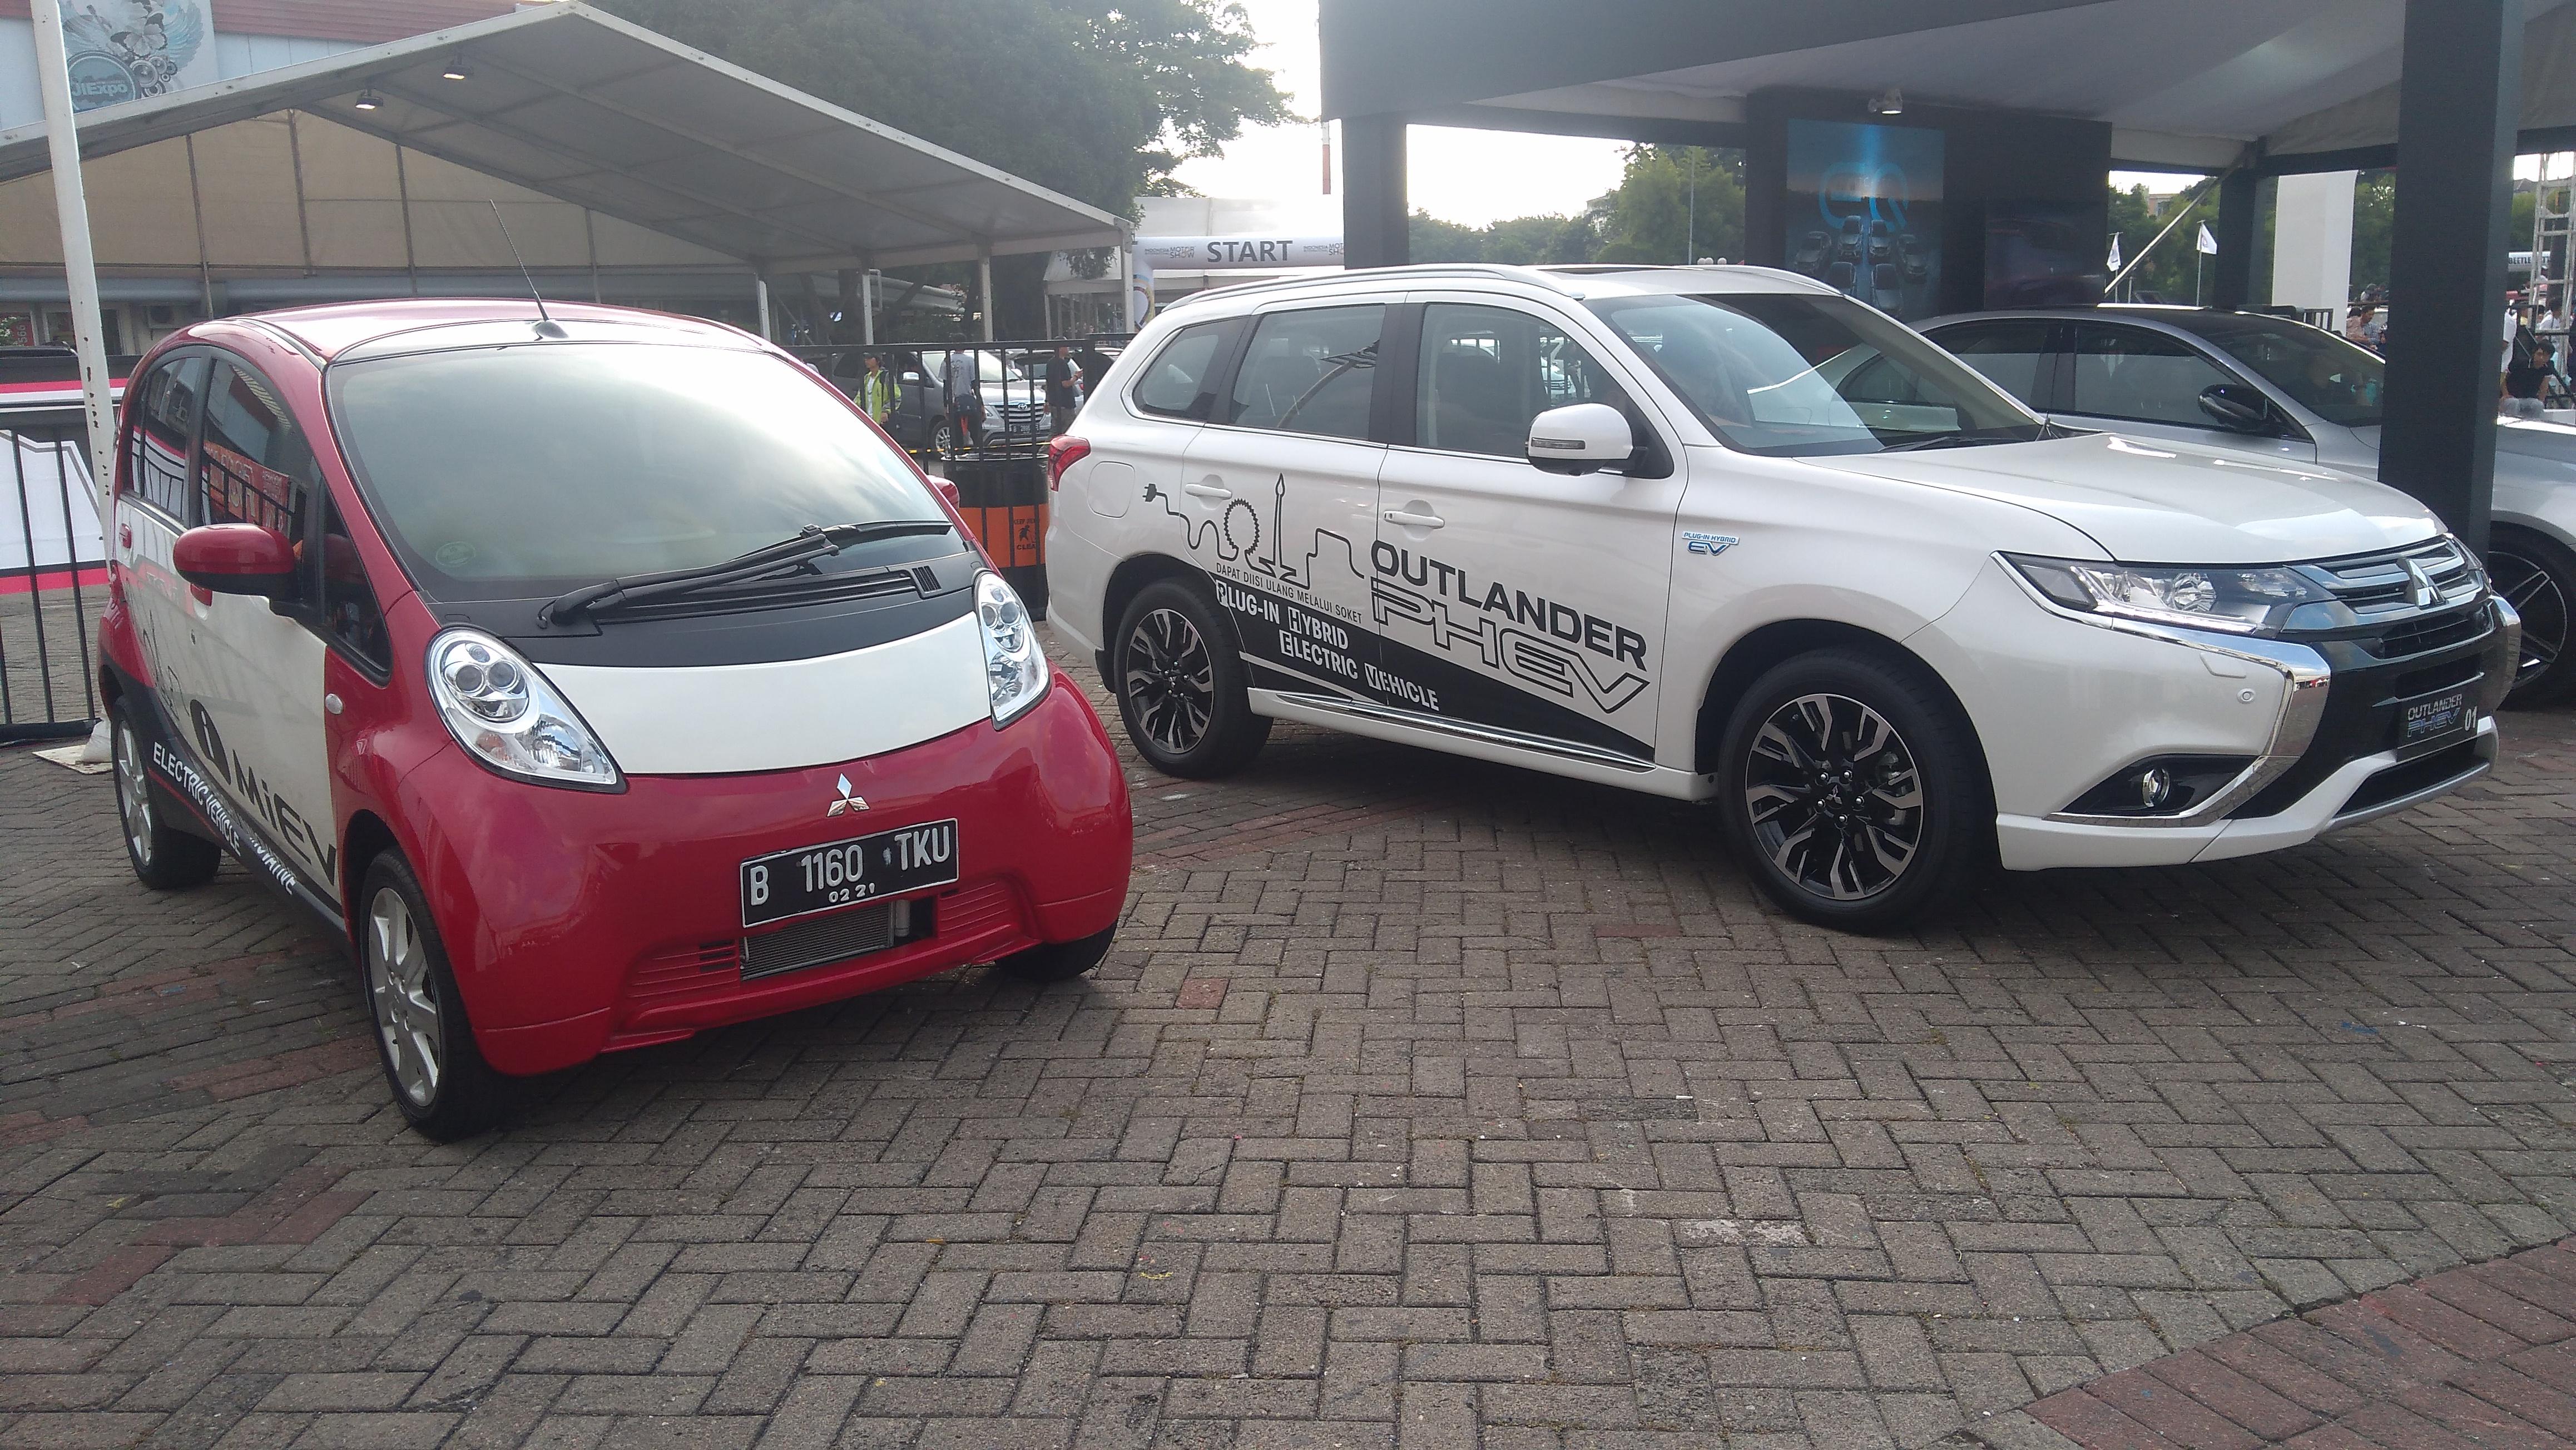 Mitsubishi I MiEV Mobil Listrik Pertama Yang Punya STNK Di Indonesia